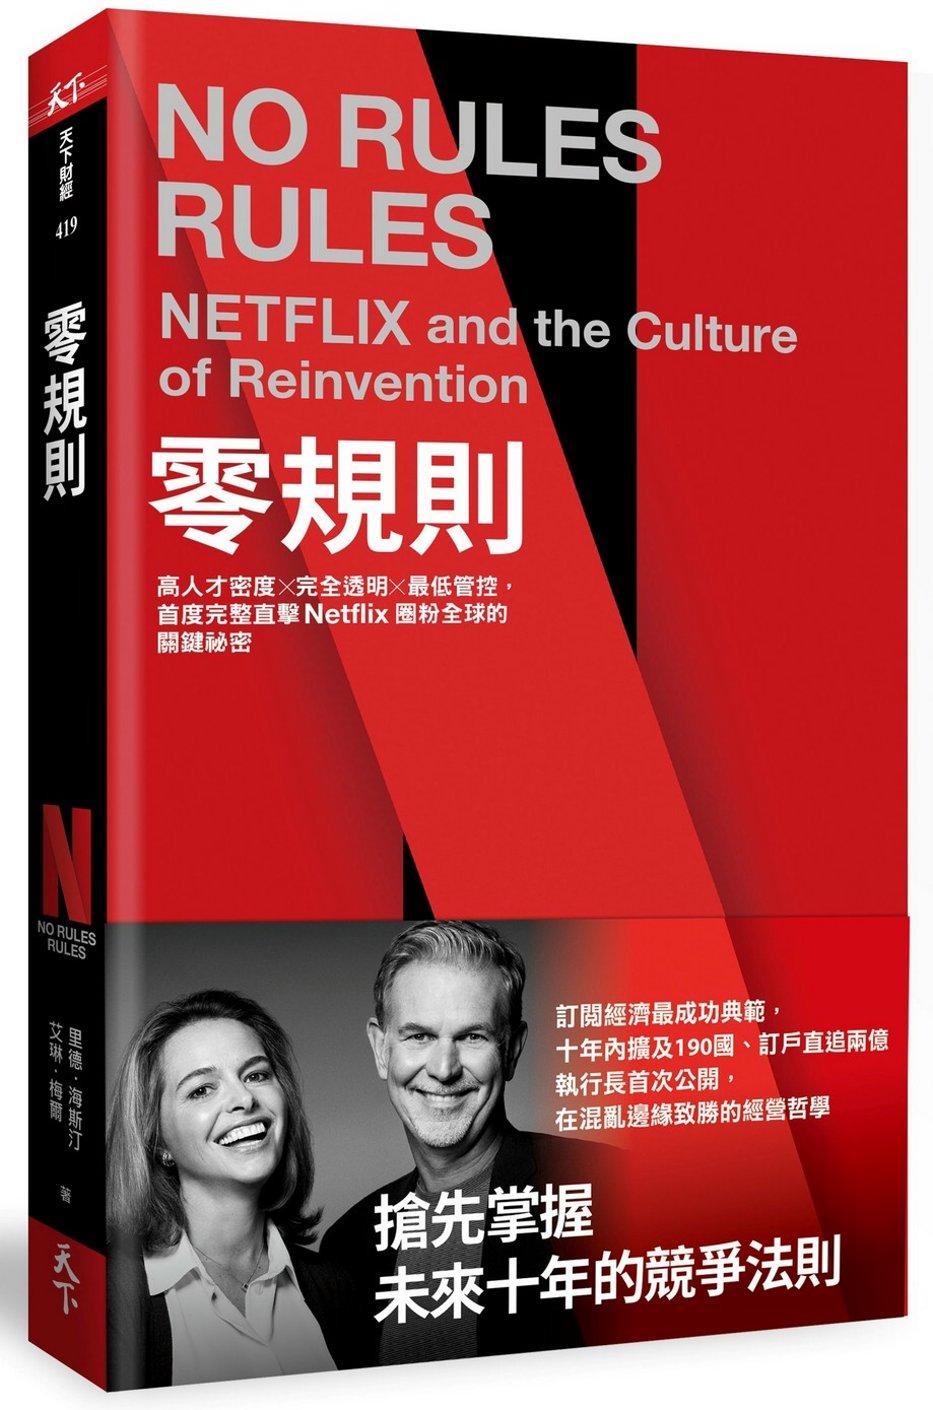 零規則:高人才密度x完全透明x最低管控,首度完整直擊Netflix圈粉全球的關鍵祕密